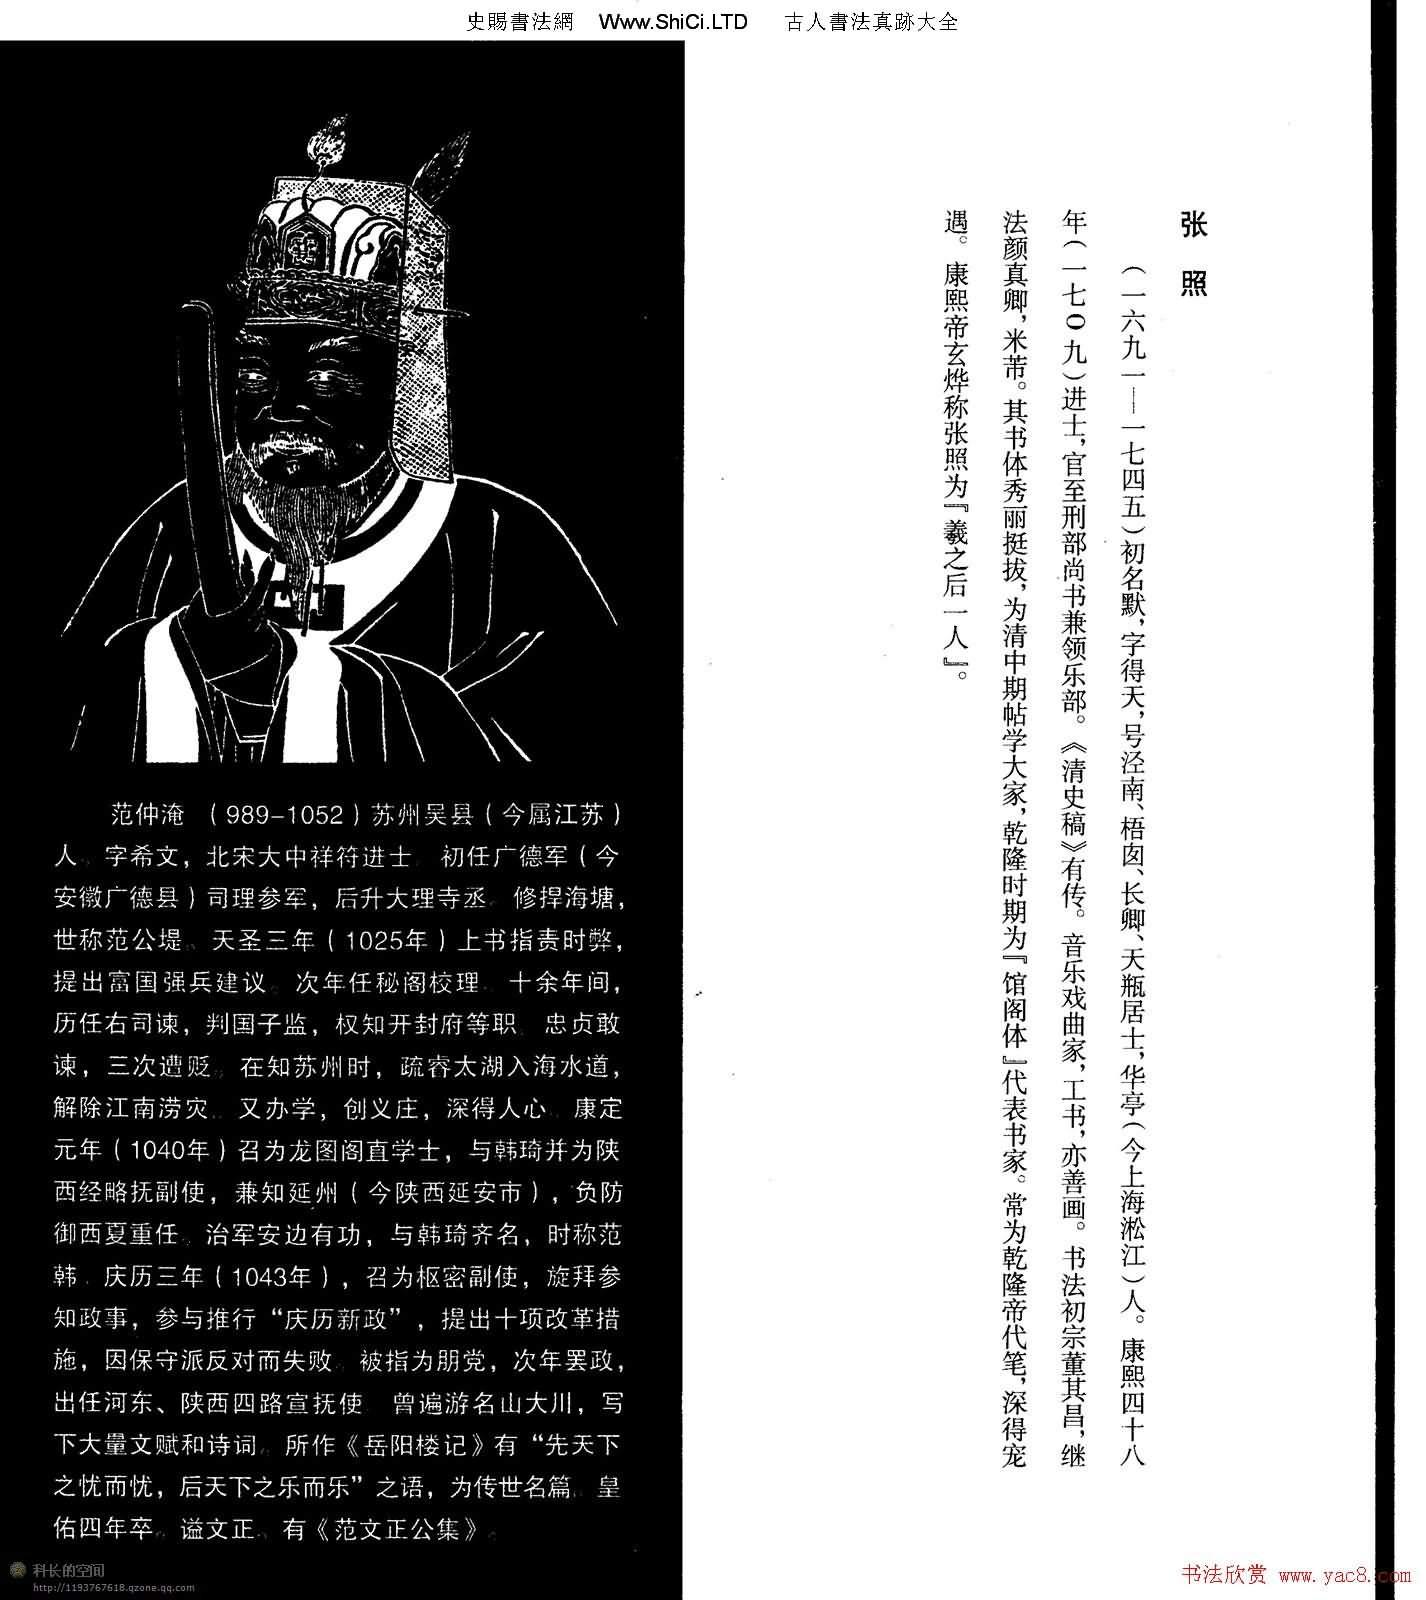 清代張照館閣體書法字帖《岳陽樓記》(共10張圖片)